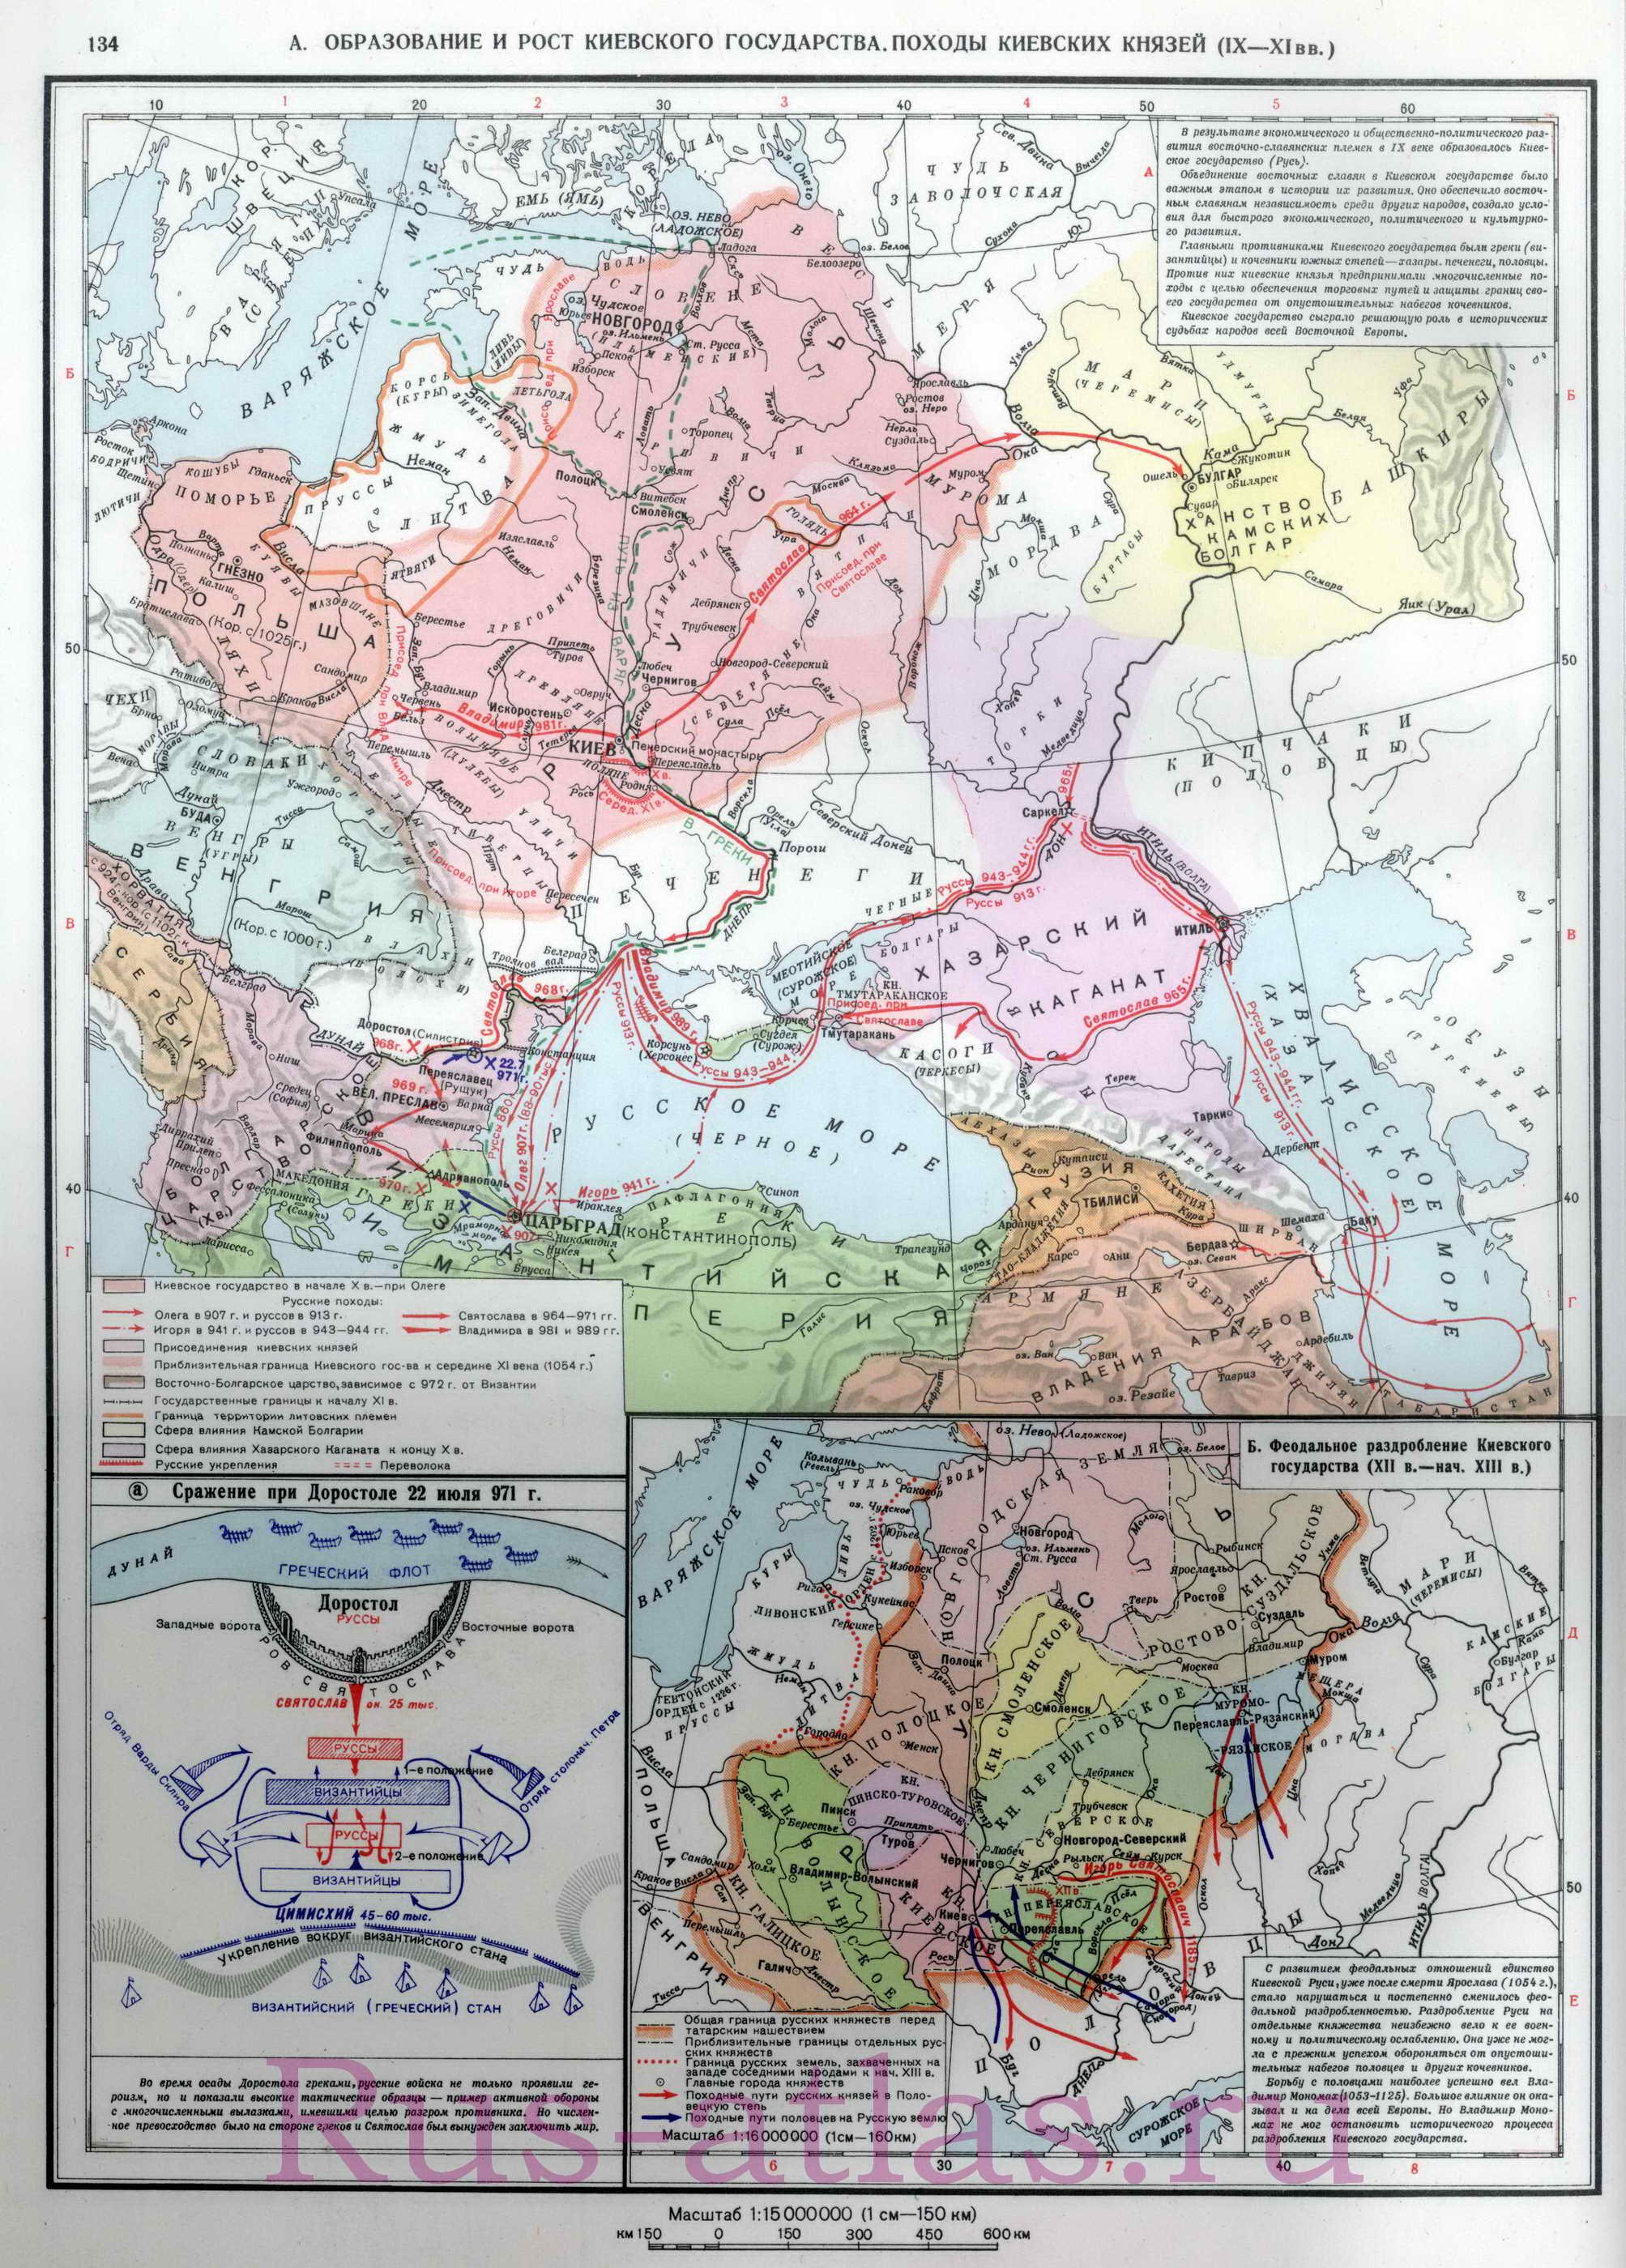 Детальная карта Киевской Руси - походы князей Киевской Руси в 9-11 веках.